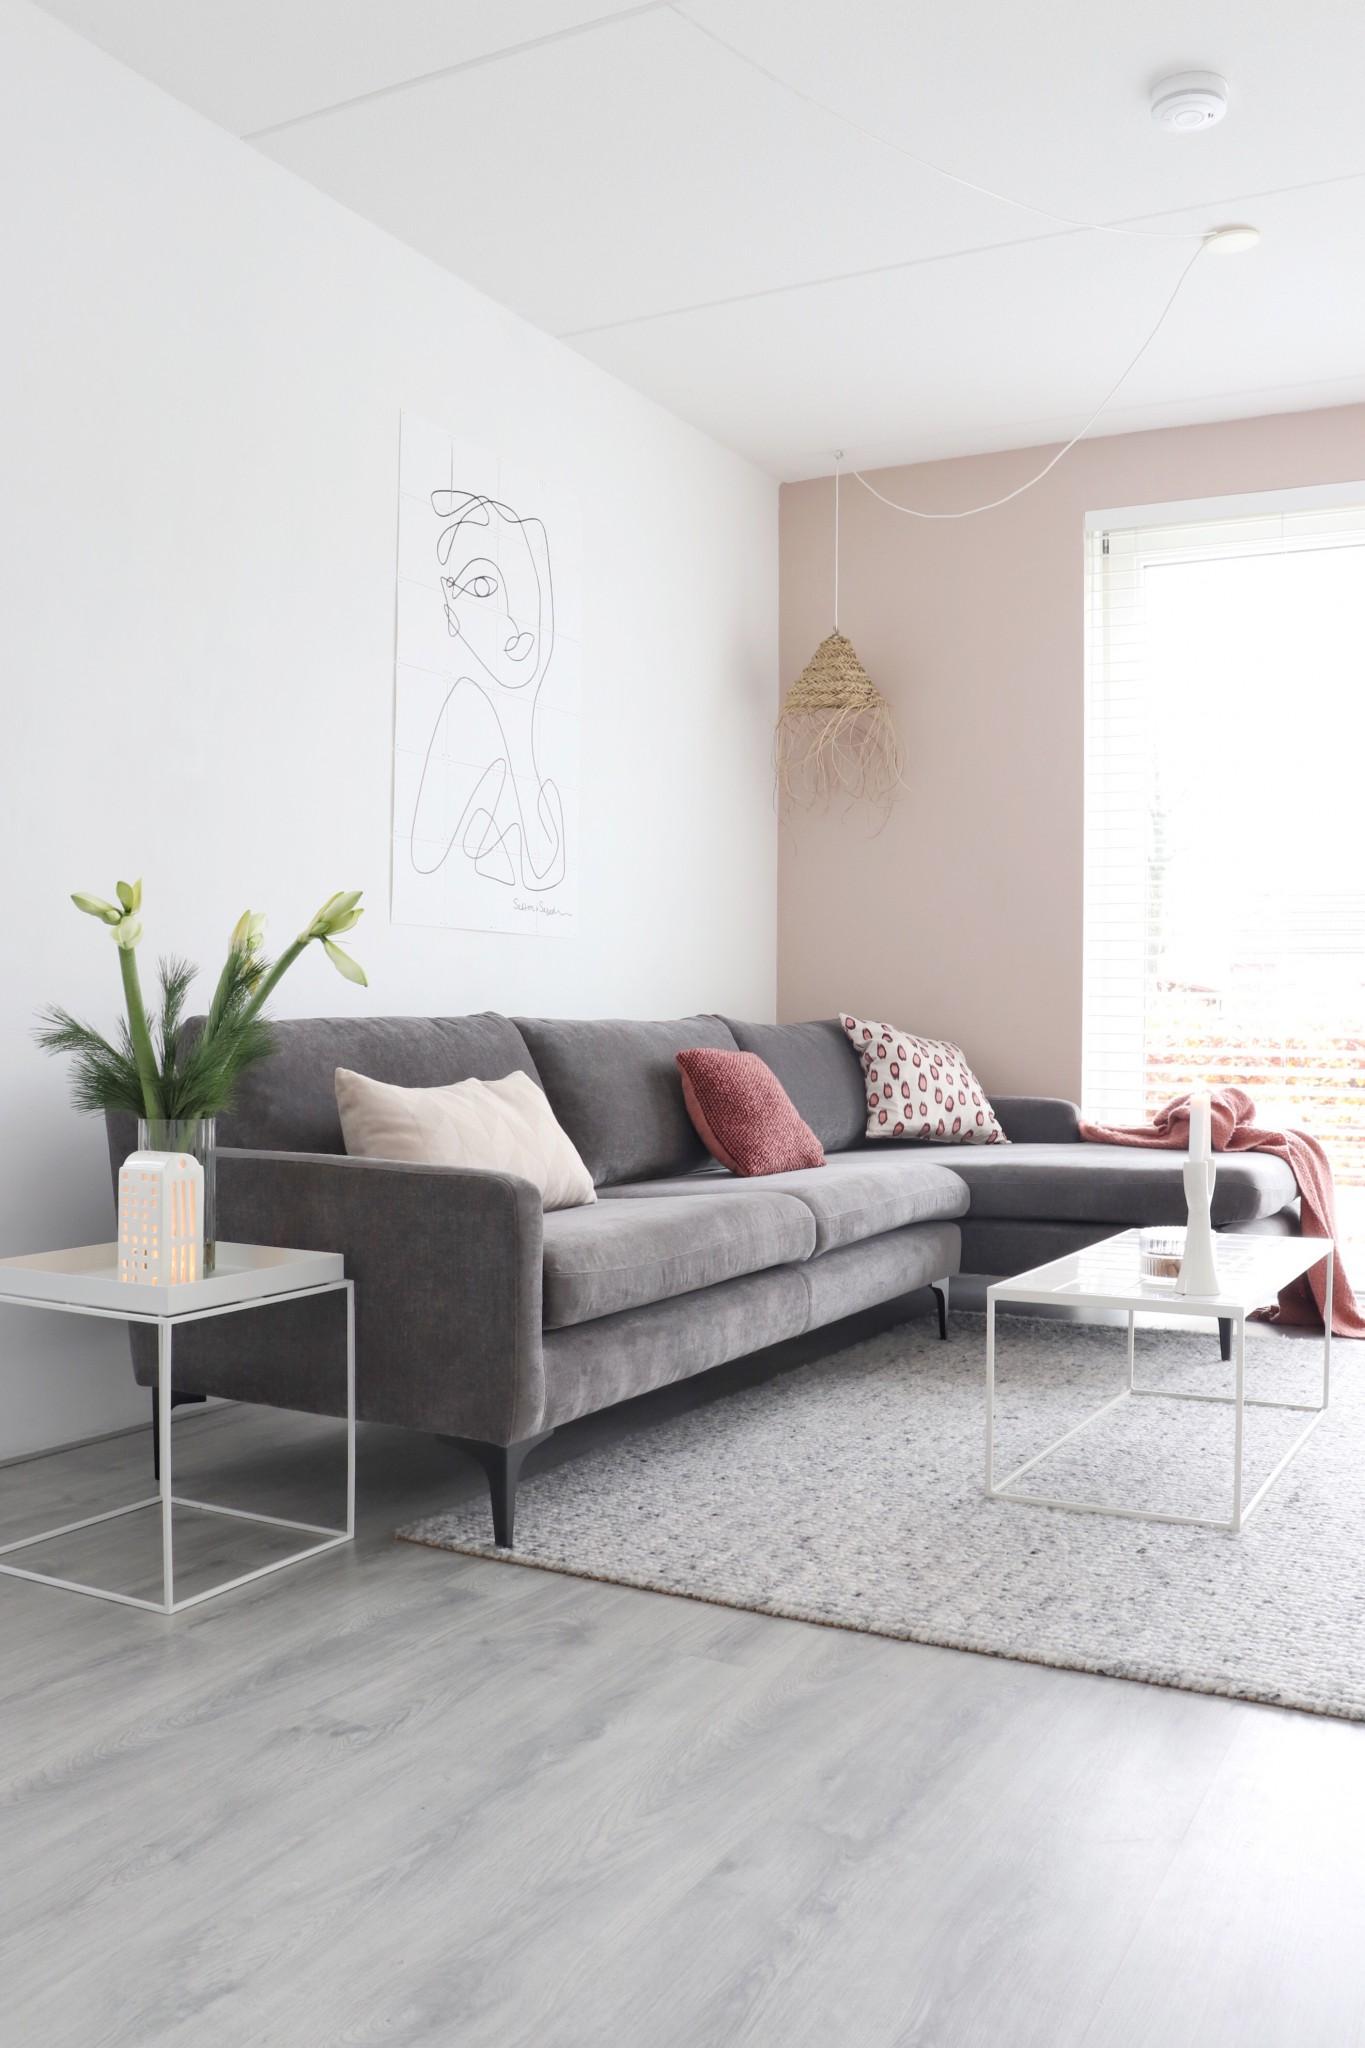 Sofacompany bank Ashta in Danny Steel Grey inn een Scandinavische woonkamer